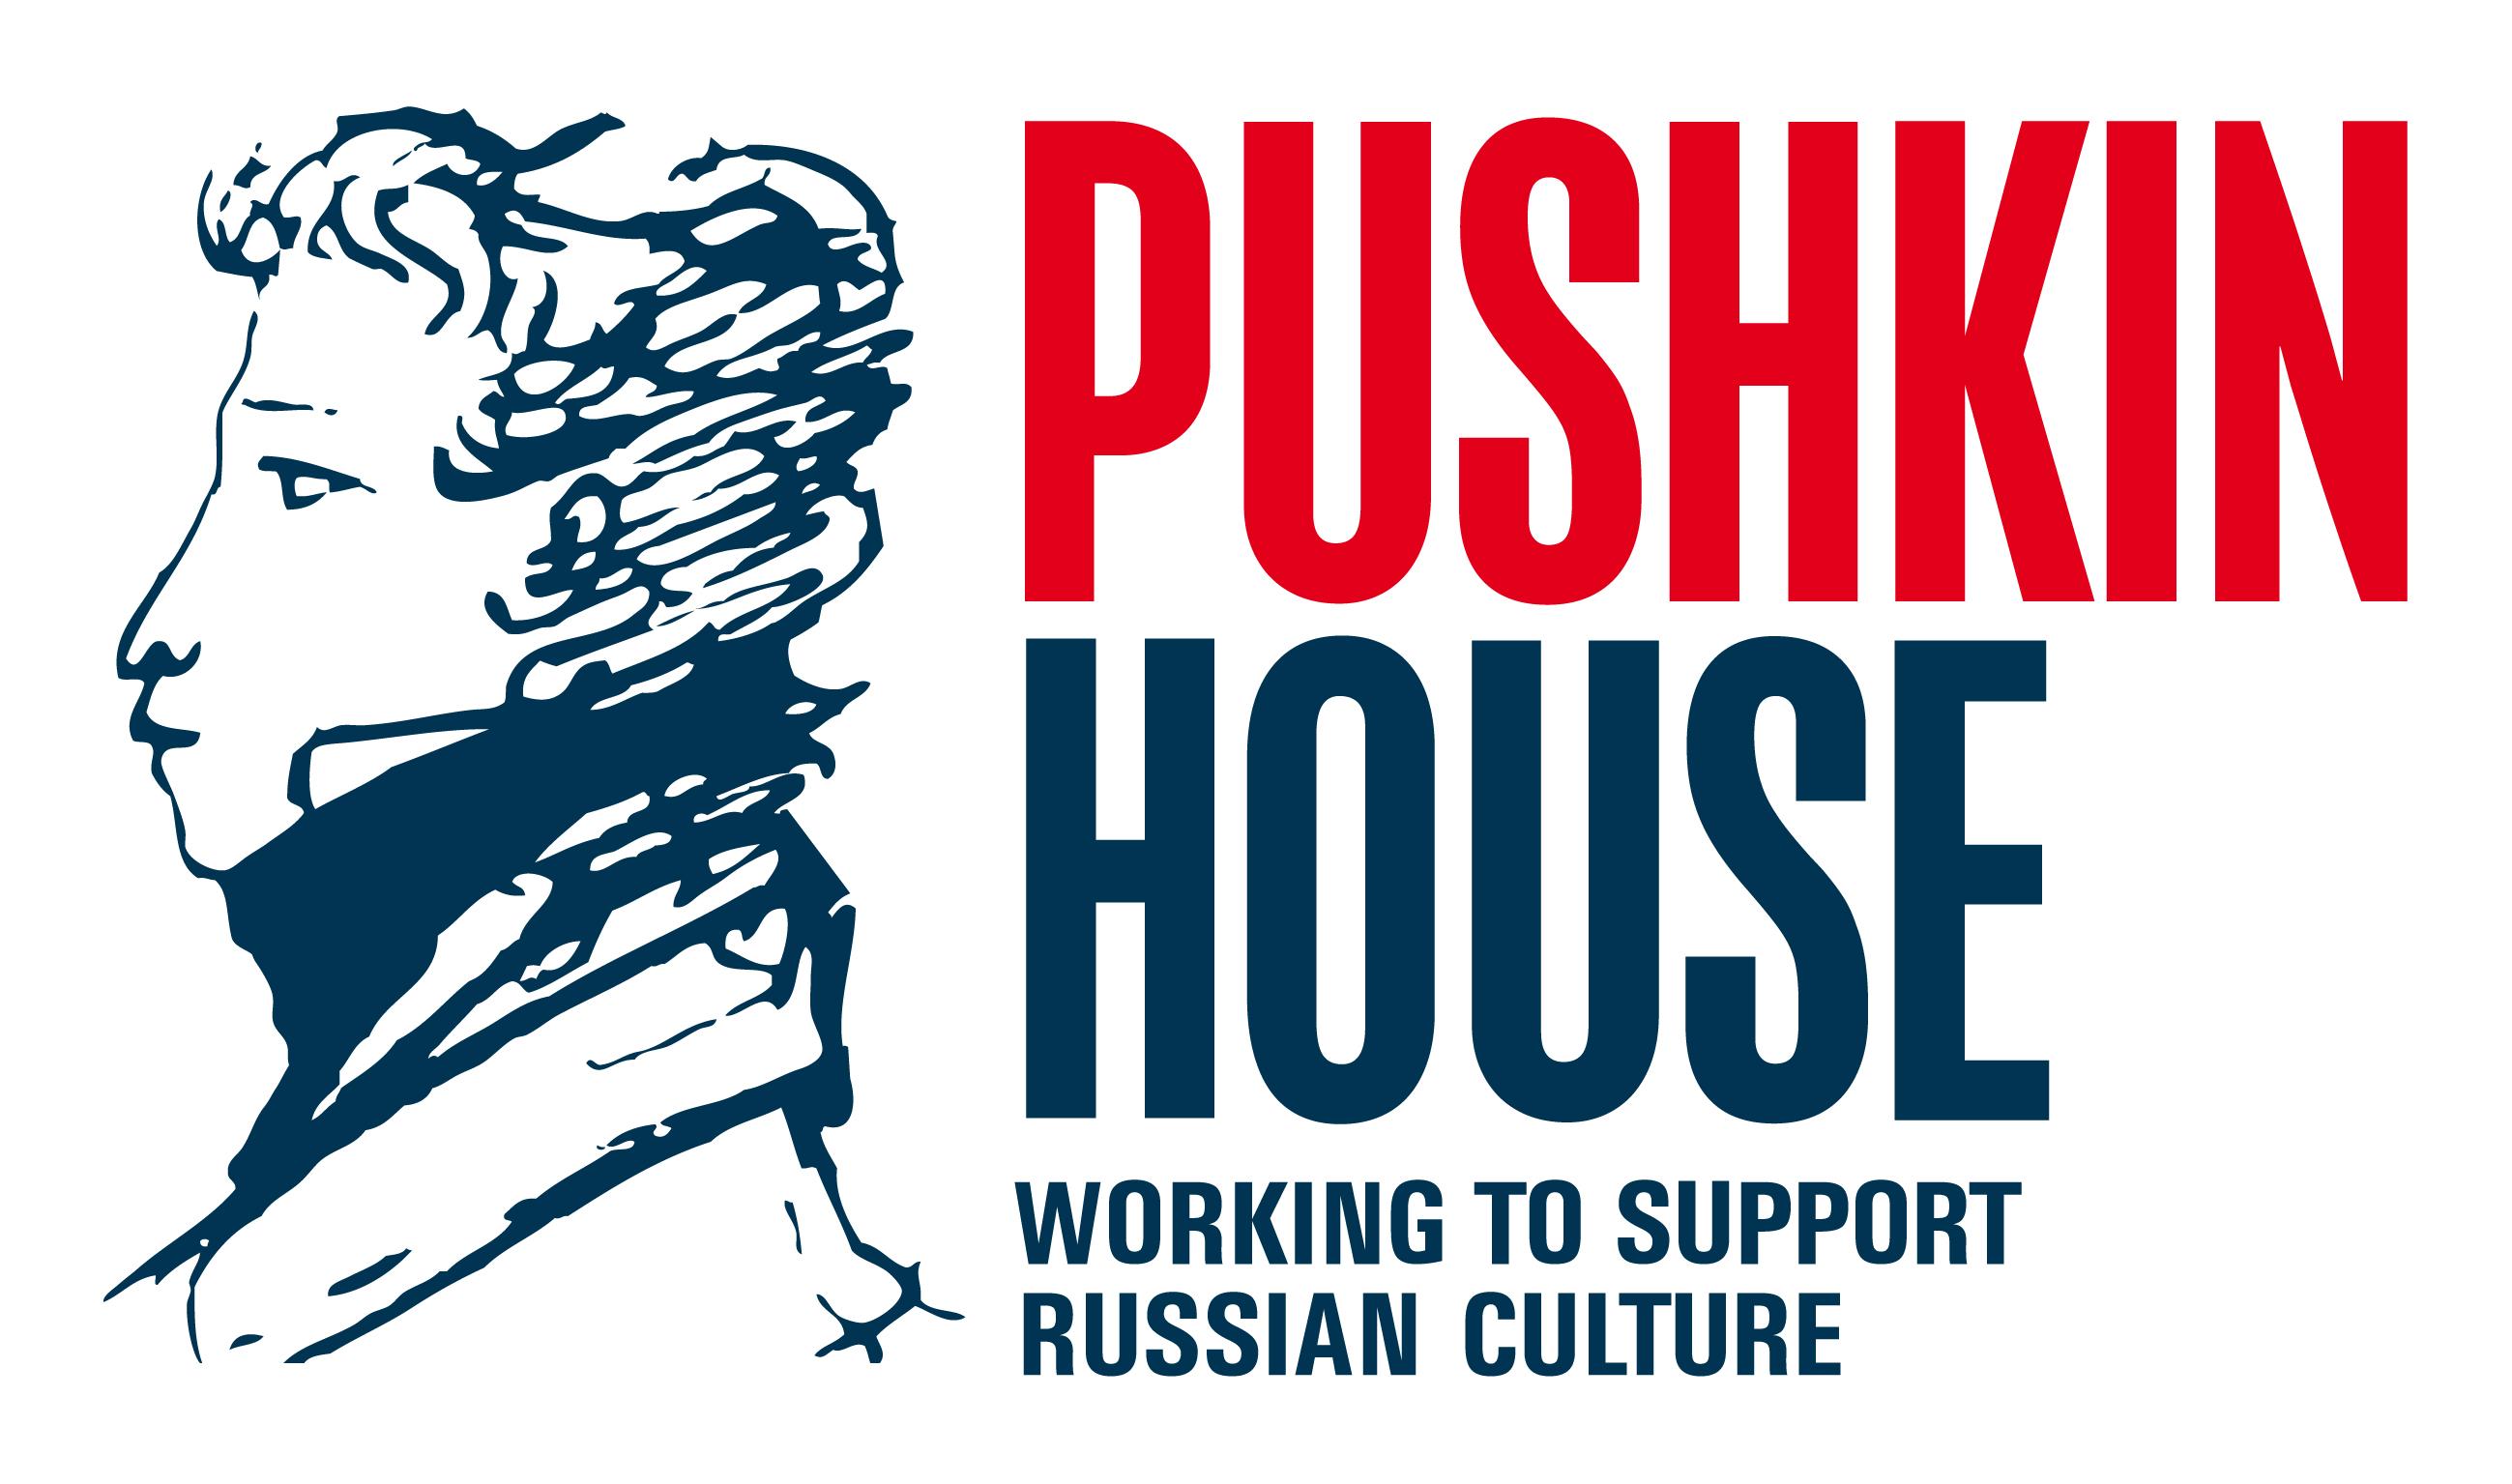 جائزة بوشكين للكتب الروسية